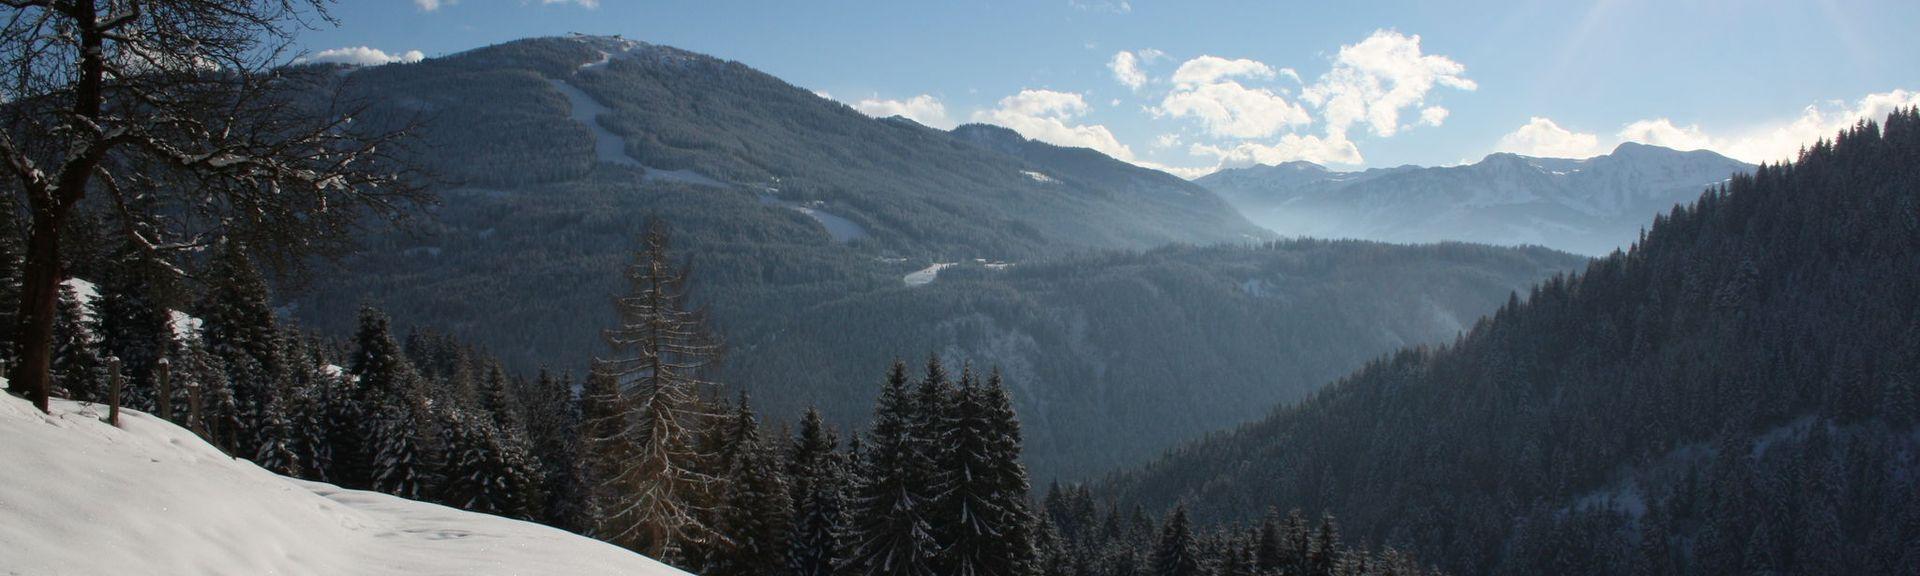 Kleinarl, Austria